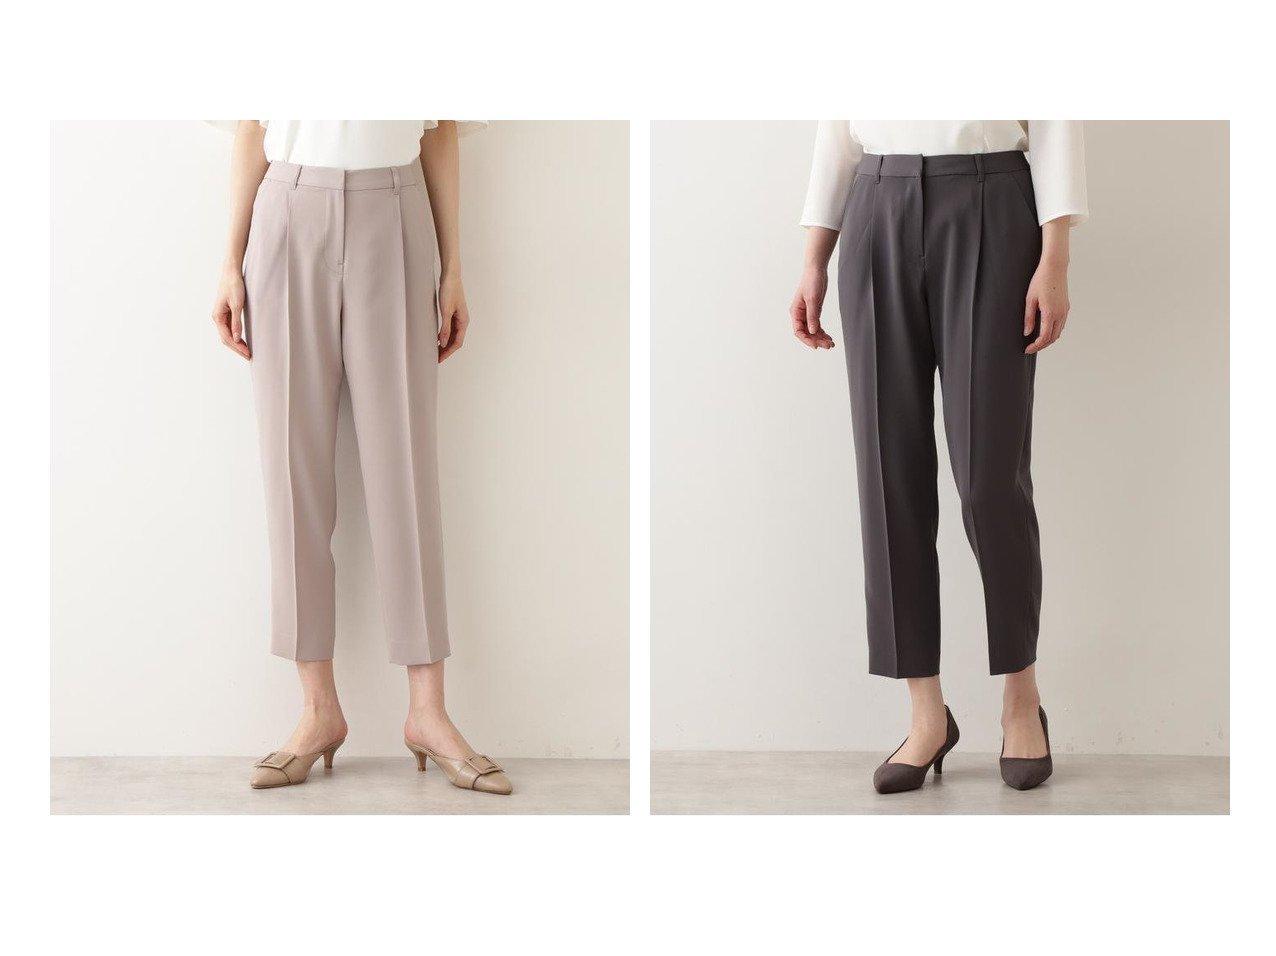 【NATURAL BEAUTY BASIC/ナチュラル ビューティー ベーシック】の洗える ポリエステルドビーセットアップ パンツ 【パンツ】おすすめ!人気、トレンド・レディースファッションの通販 おすすめで人気の流行・トレンド、ファッションの通販商品 メンズファッション・キッズファッション・インテリア・家具・レディースファッション・服の通販 founy(ファニー) https://founy.com/ ファッション Fashion レディースファッション WOMEN セットアップ Setup パンツ Pants ウォッシャブル ジャケット スタンダード セットアップ ベーシック 再入荷 Restock/Back in Stock/Re Arrival 洗える  ID:crp329100000032328